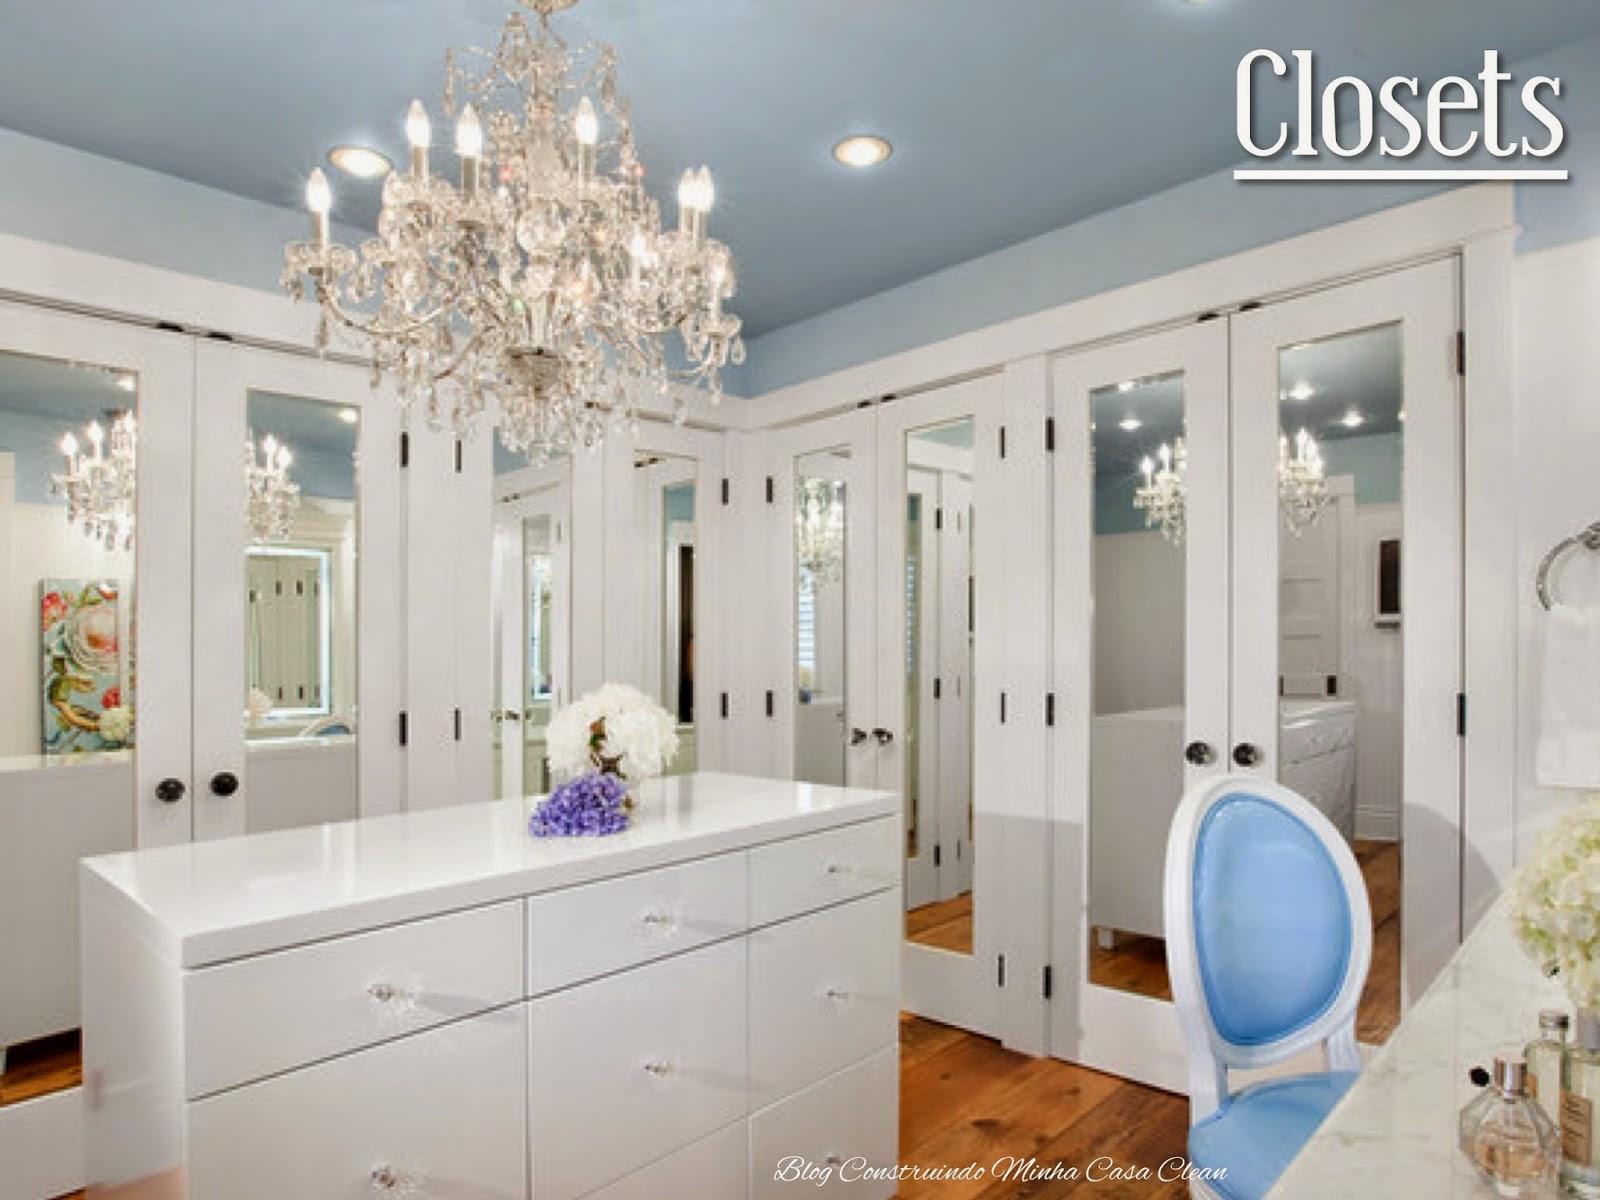 Construindo minha casa clean closet com ou sem porta modelos lindos pequenos e famosos - Classy bathroom closet design ...